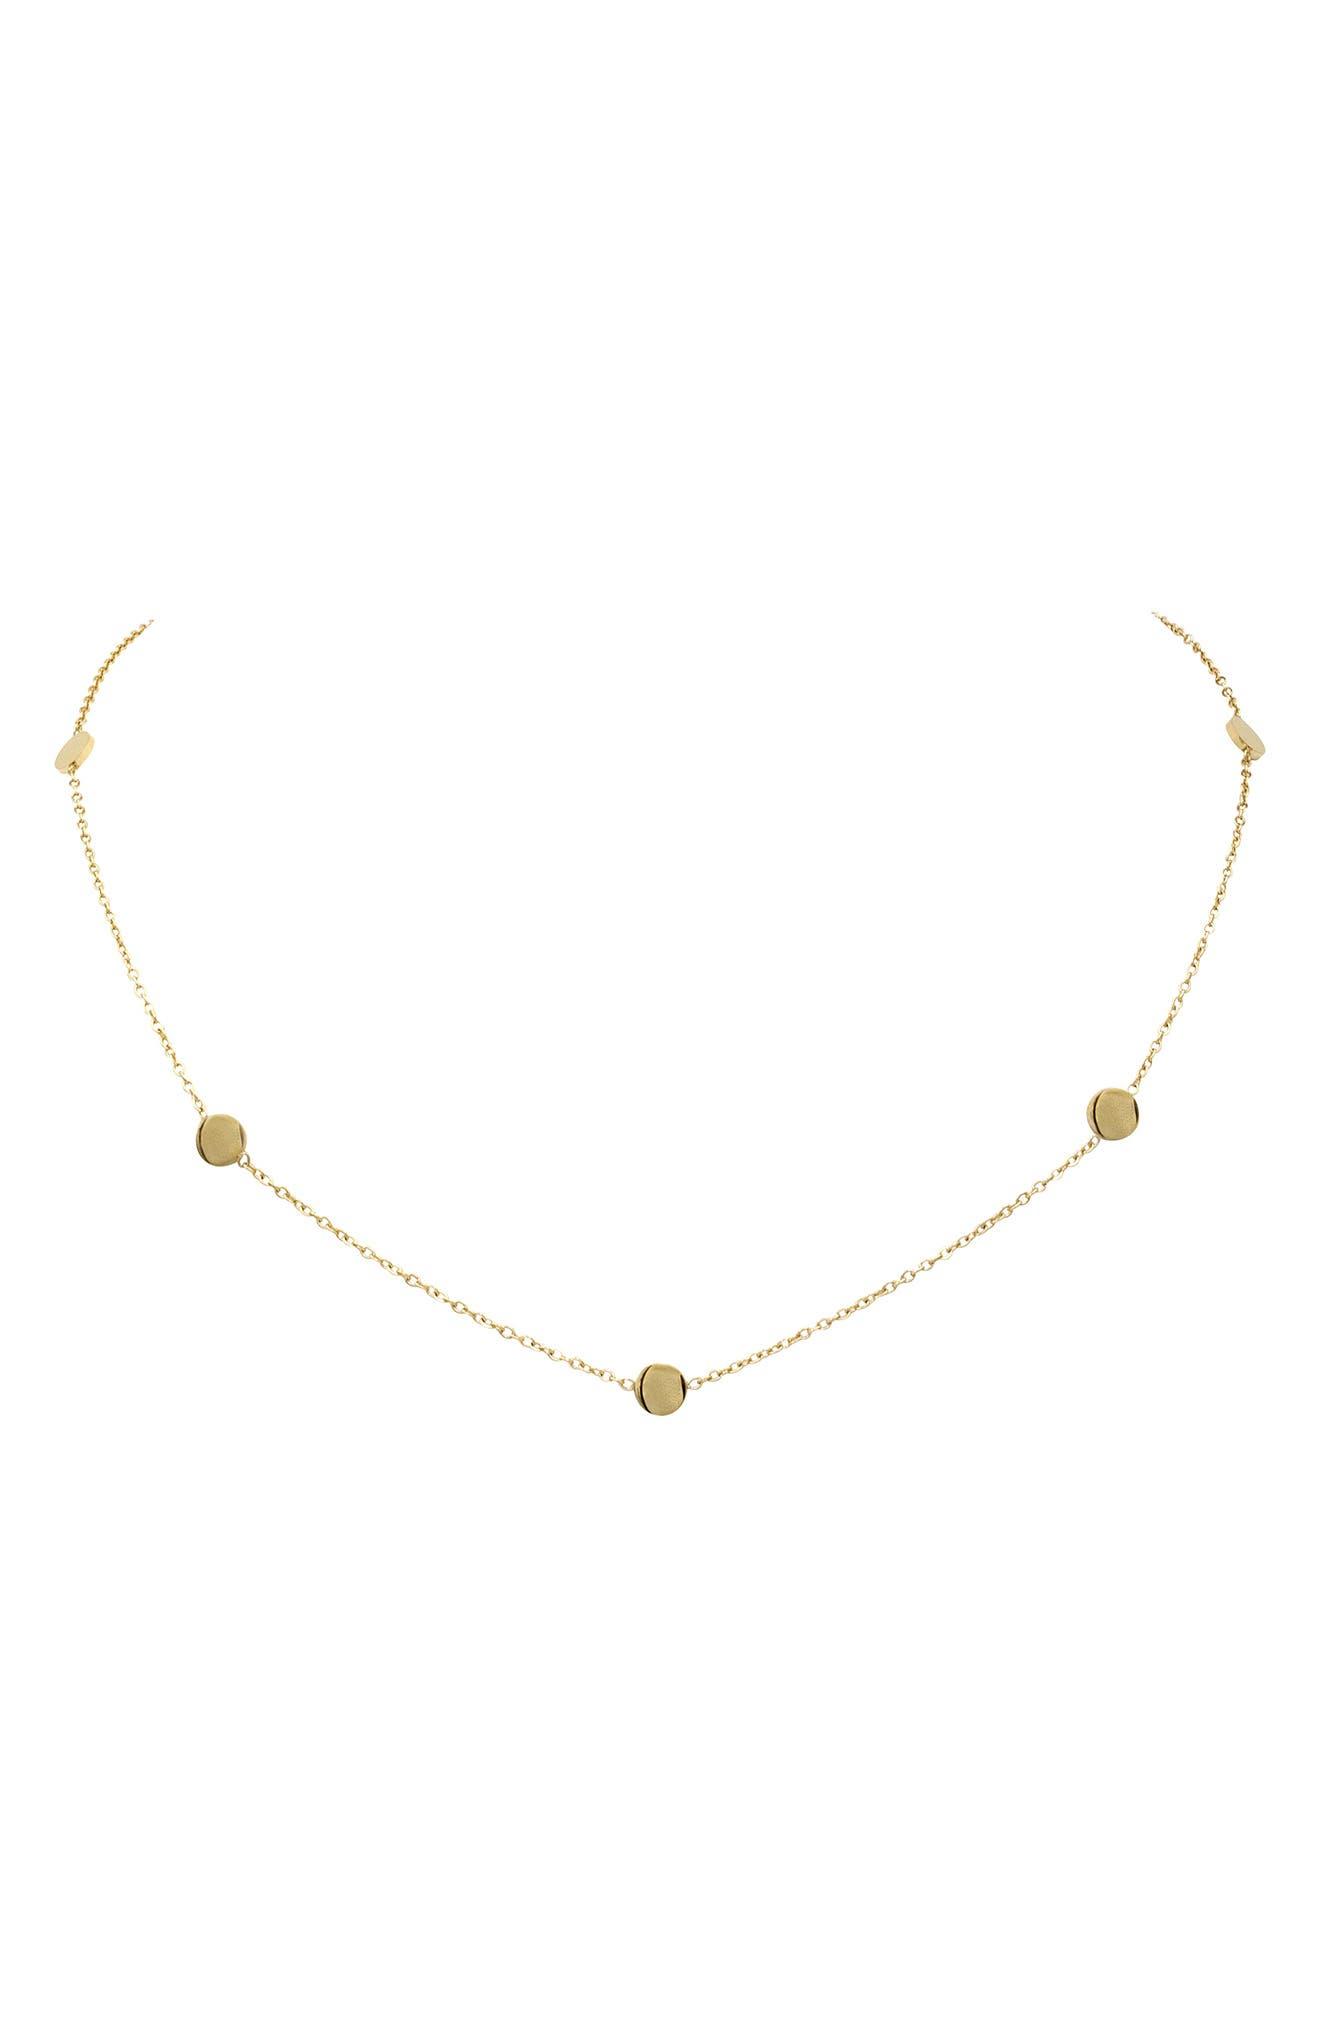 ELLIE VAIL Misha Choker Necklace, Main, color, 710